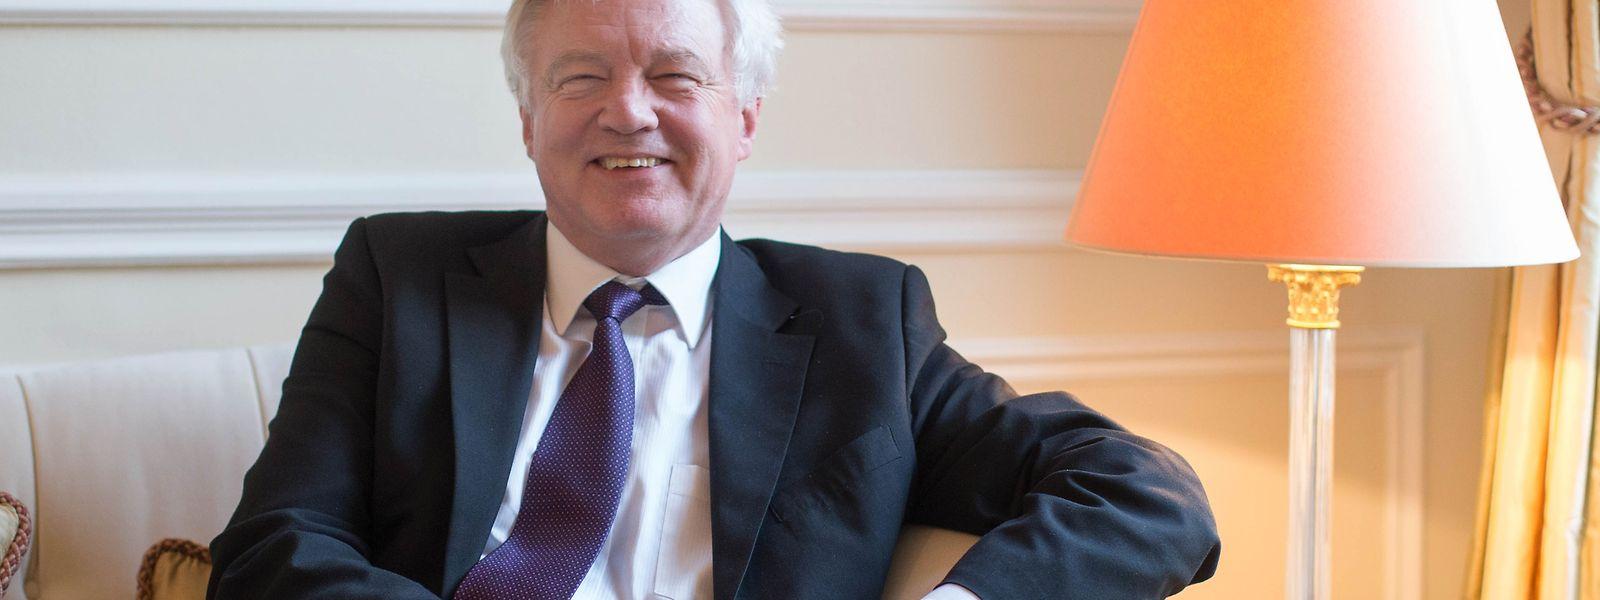 Brexit-Minister David Davis hat die historische Aufgabe, Grossbritannien aus der Europäischen Union zu führen.